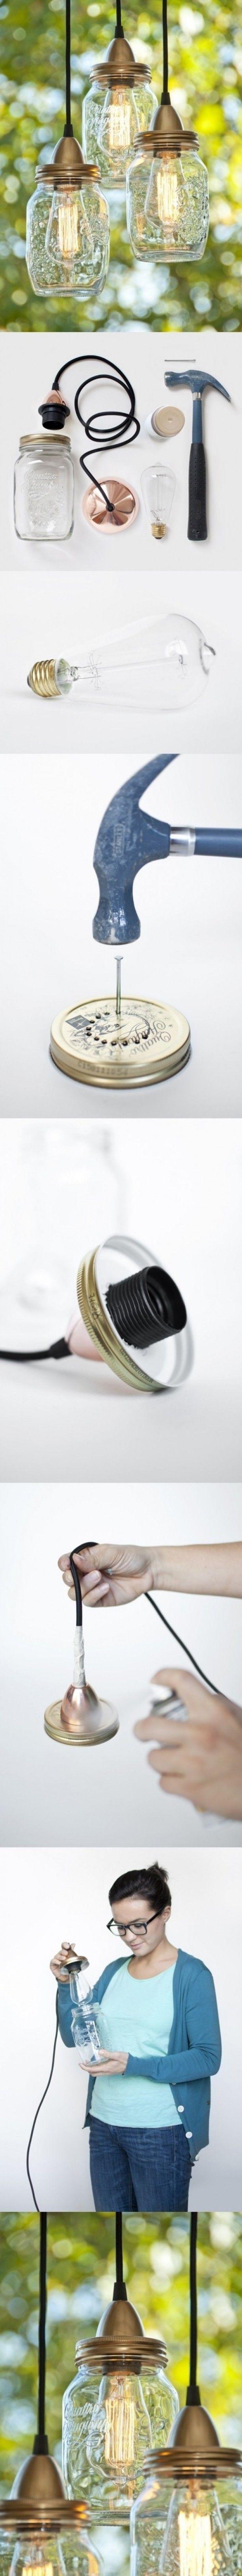 Zelf een leuke lamp maken